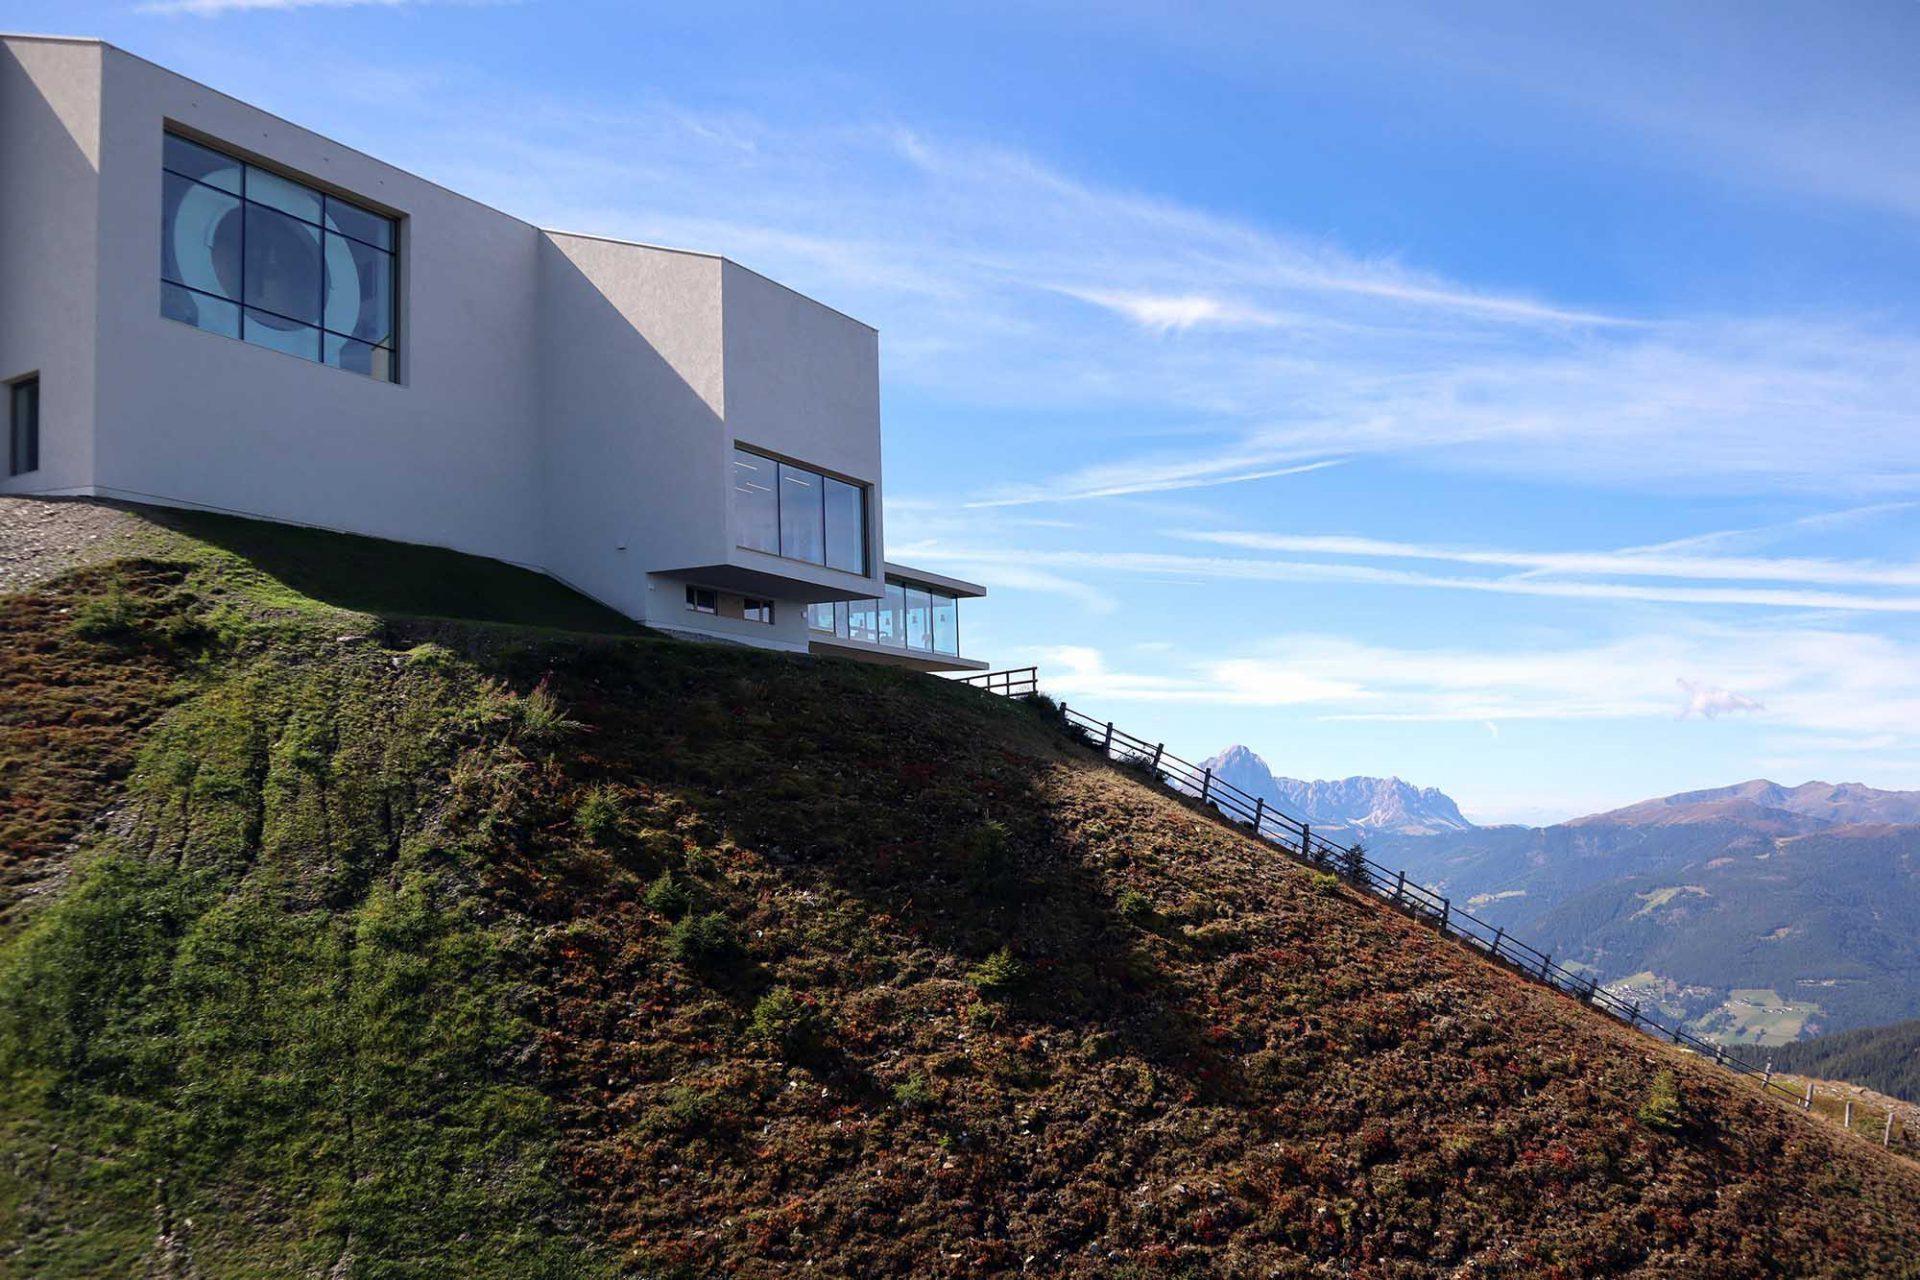 Lumen Museum der Bergfotografie. Der Architekt Gerhard Mahlknecht des Brunecker Büros EM2 entwarf mit Stefano D'Elia und Giò Forma aus Mailand eine funktional-klare Architektur, die sowohl die alte Bergbahn in den Museumsbau integriert als auch leicht und elegant wirkt.